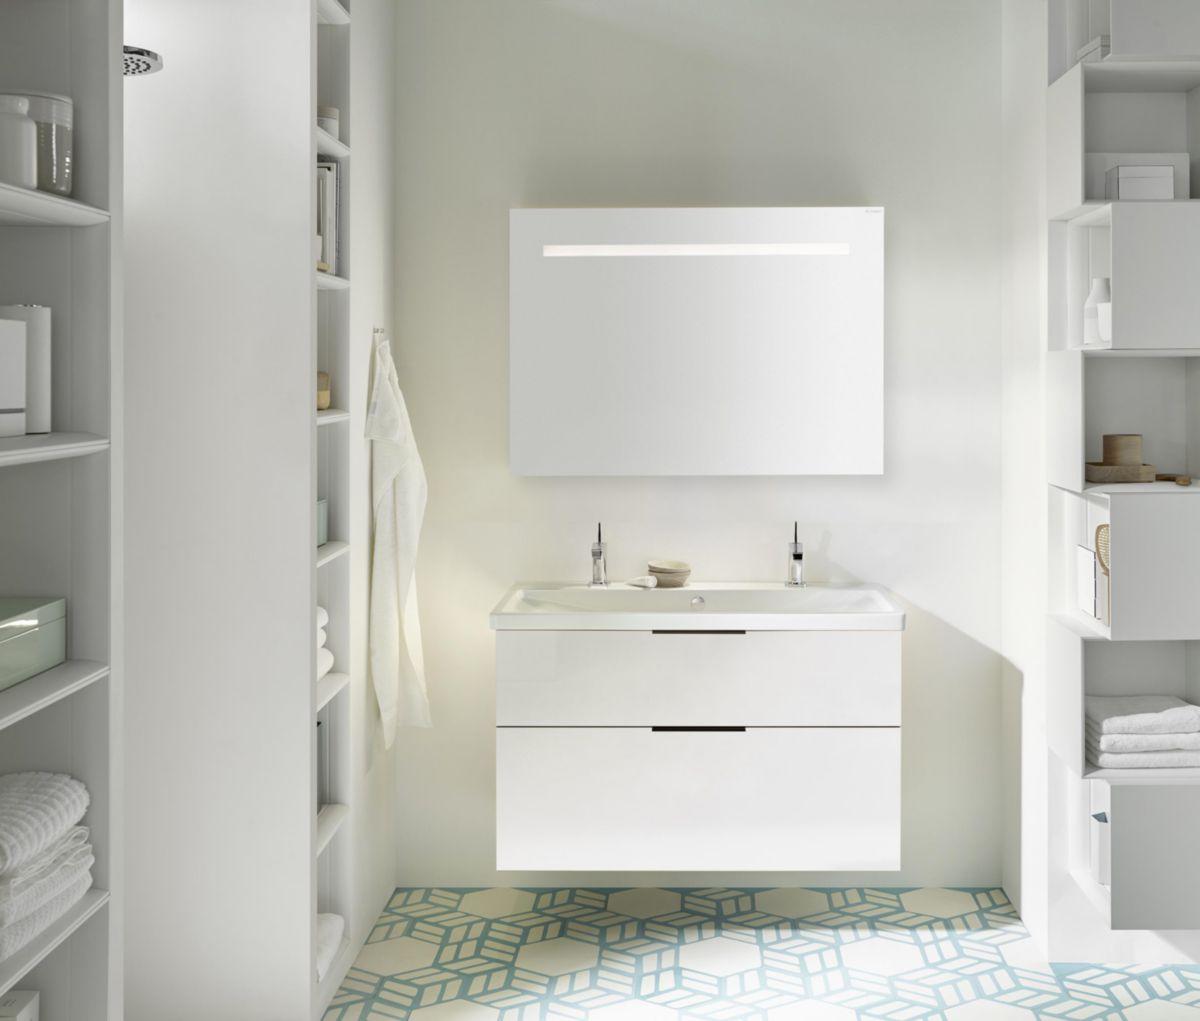 Meuble Salle De Bain Largeur 100 meuble salle de bain eqio smart 100 cm   envie de salle de bain